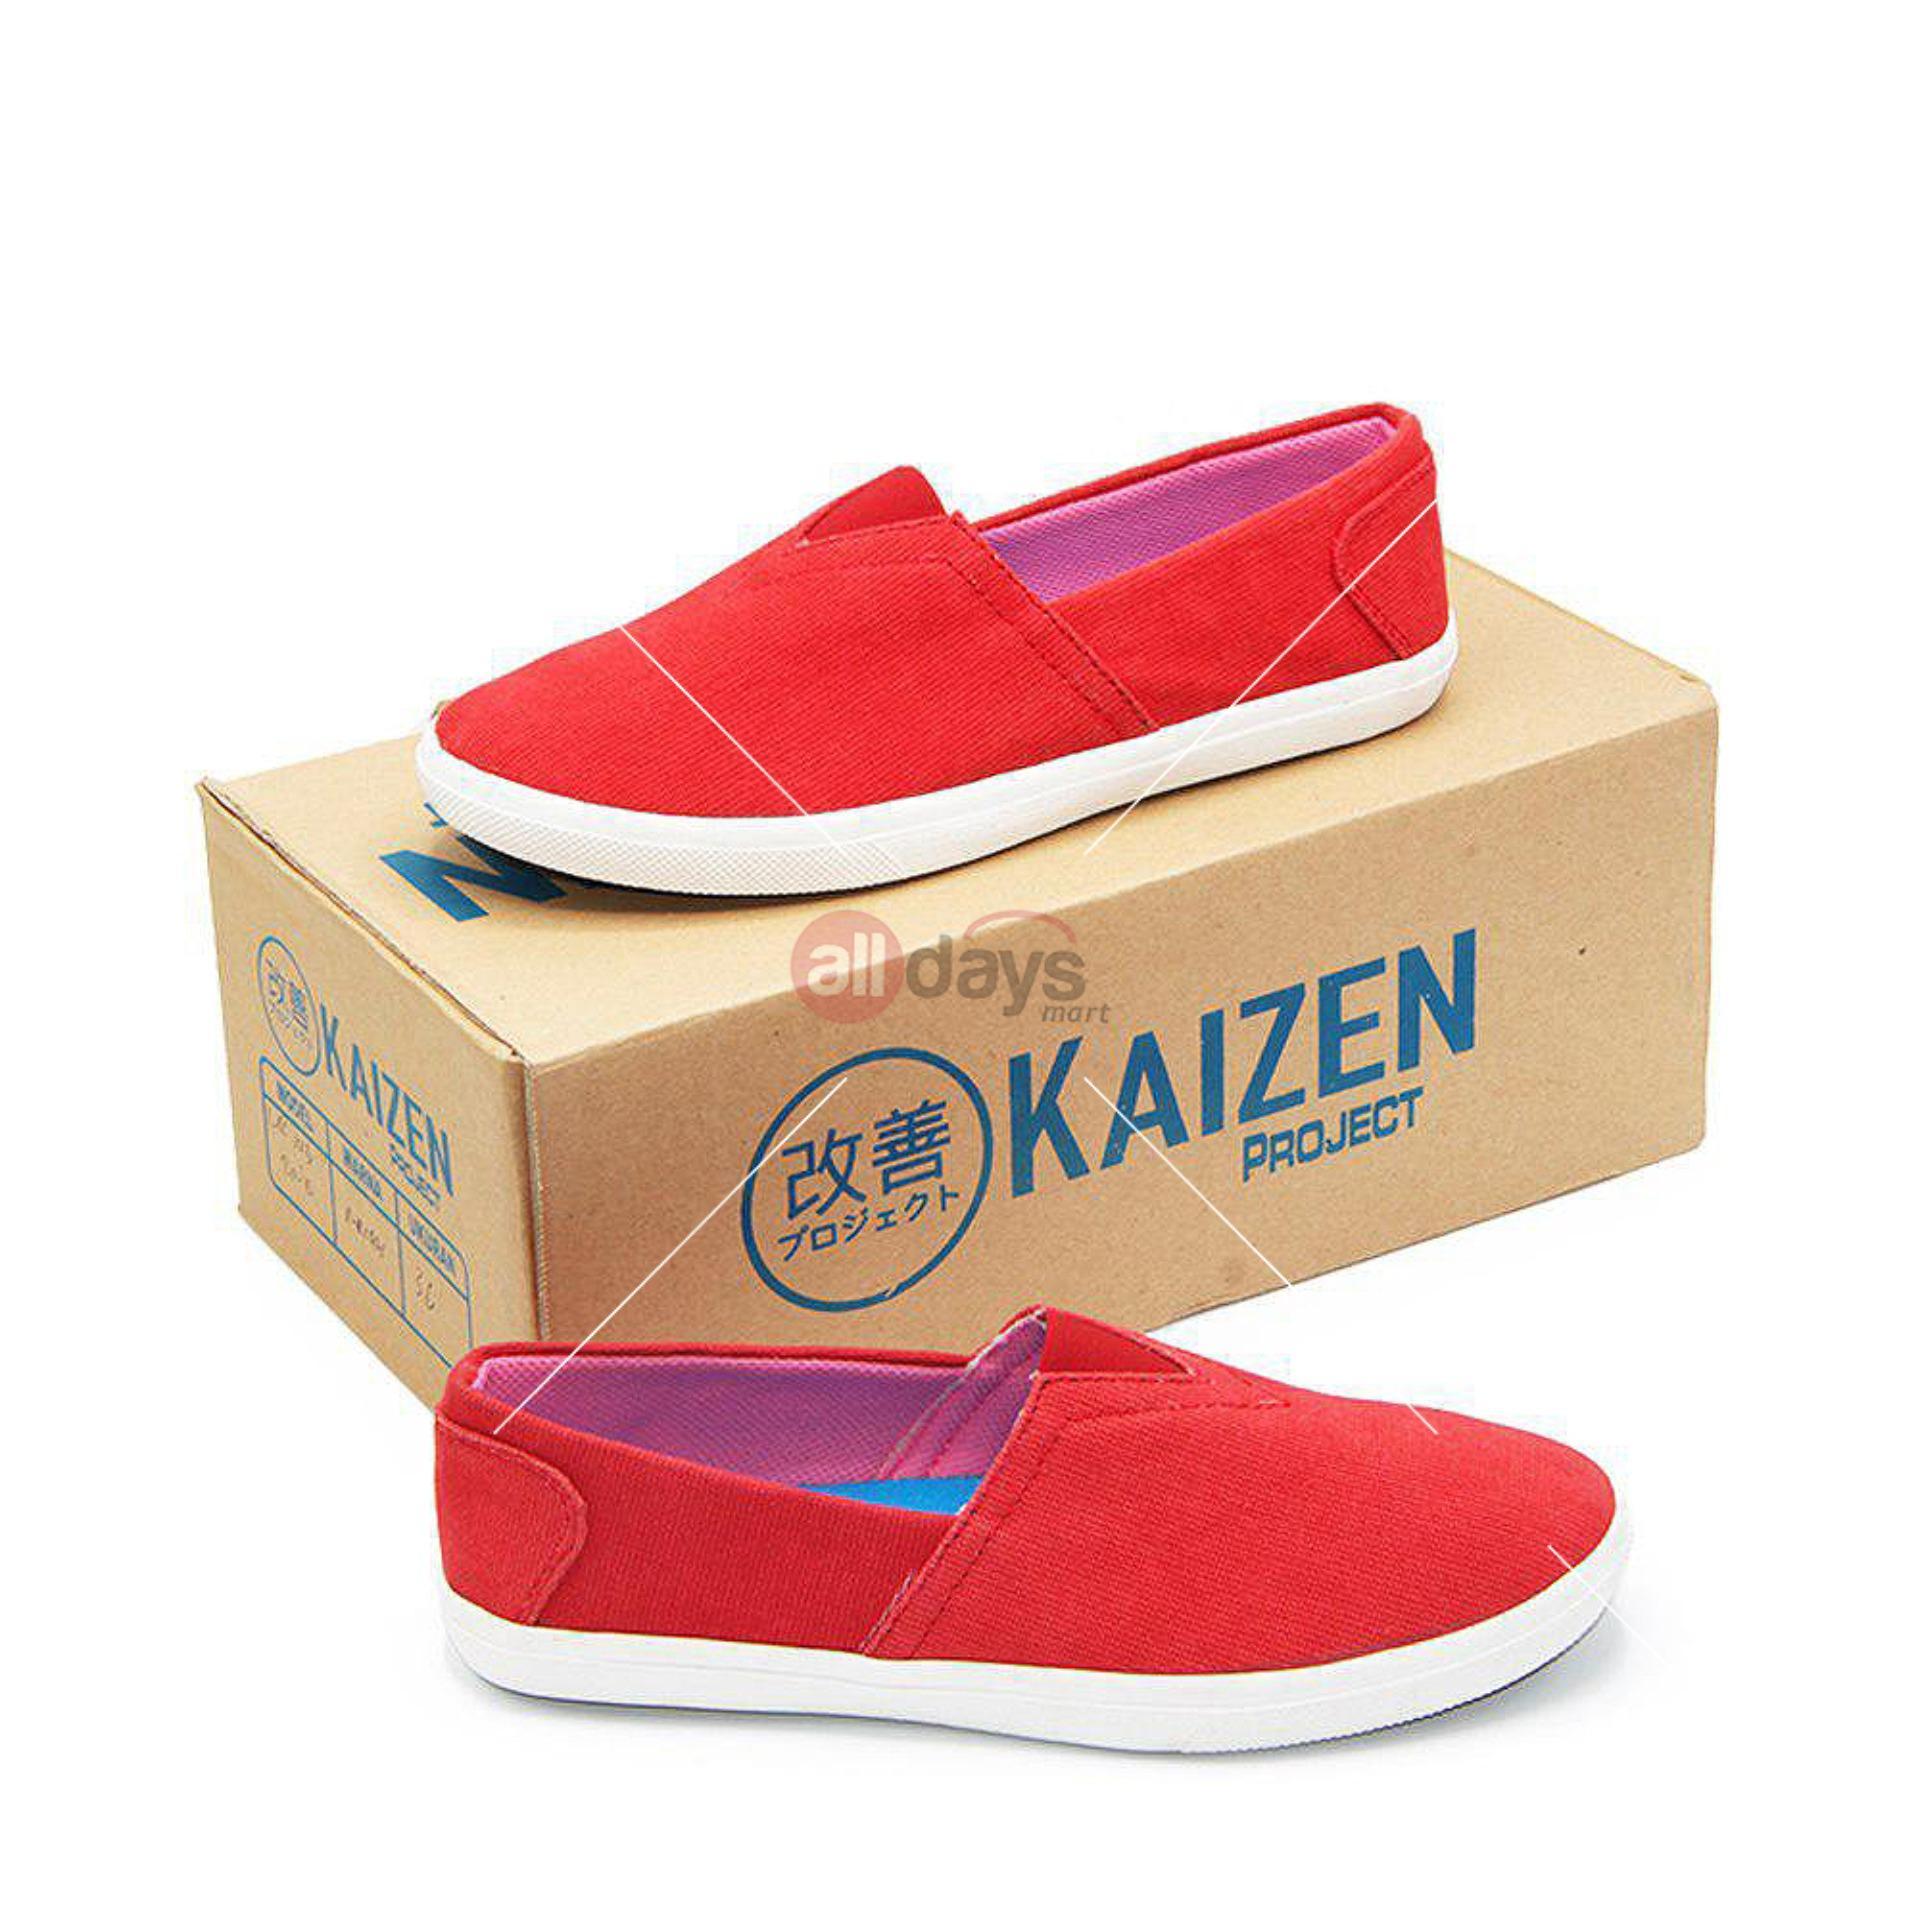 Toko Kaizen Sepatu Slip On Kanvas Sneakers Wanita B Lsc 123 2Nd Hk 01 Merah Size 36 40 Terdekat